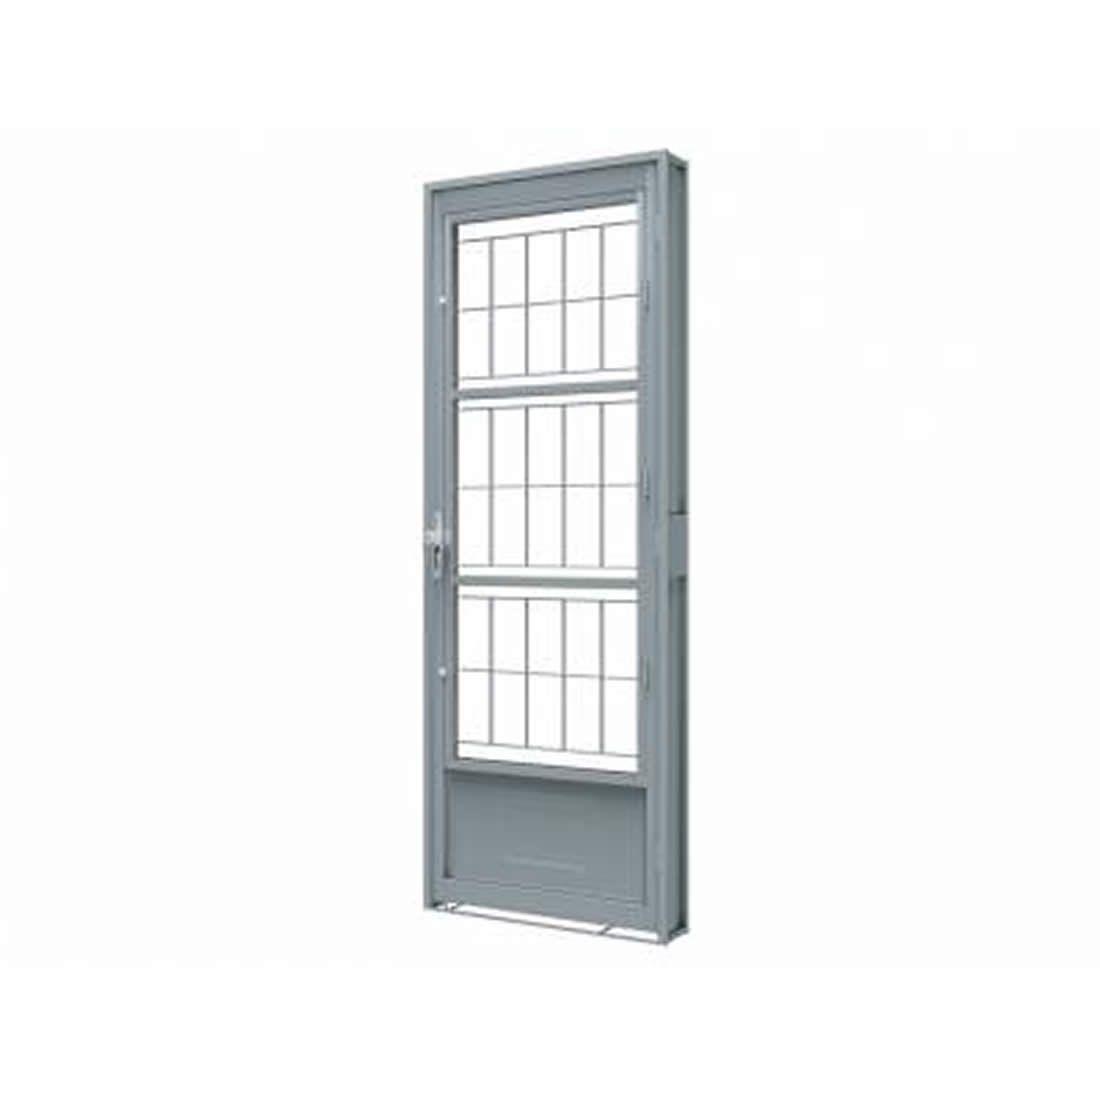 Porta Riobras de Giro de Aço com Postigo Grade Quadrada 215 X 80 Ref 1517.2